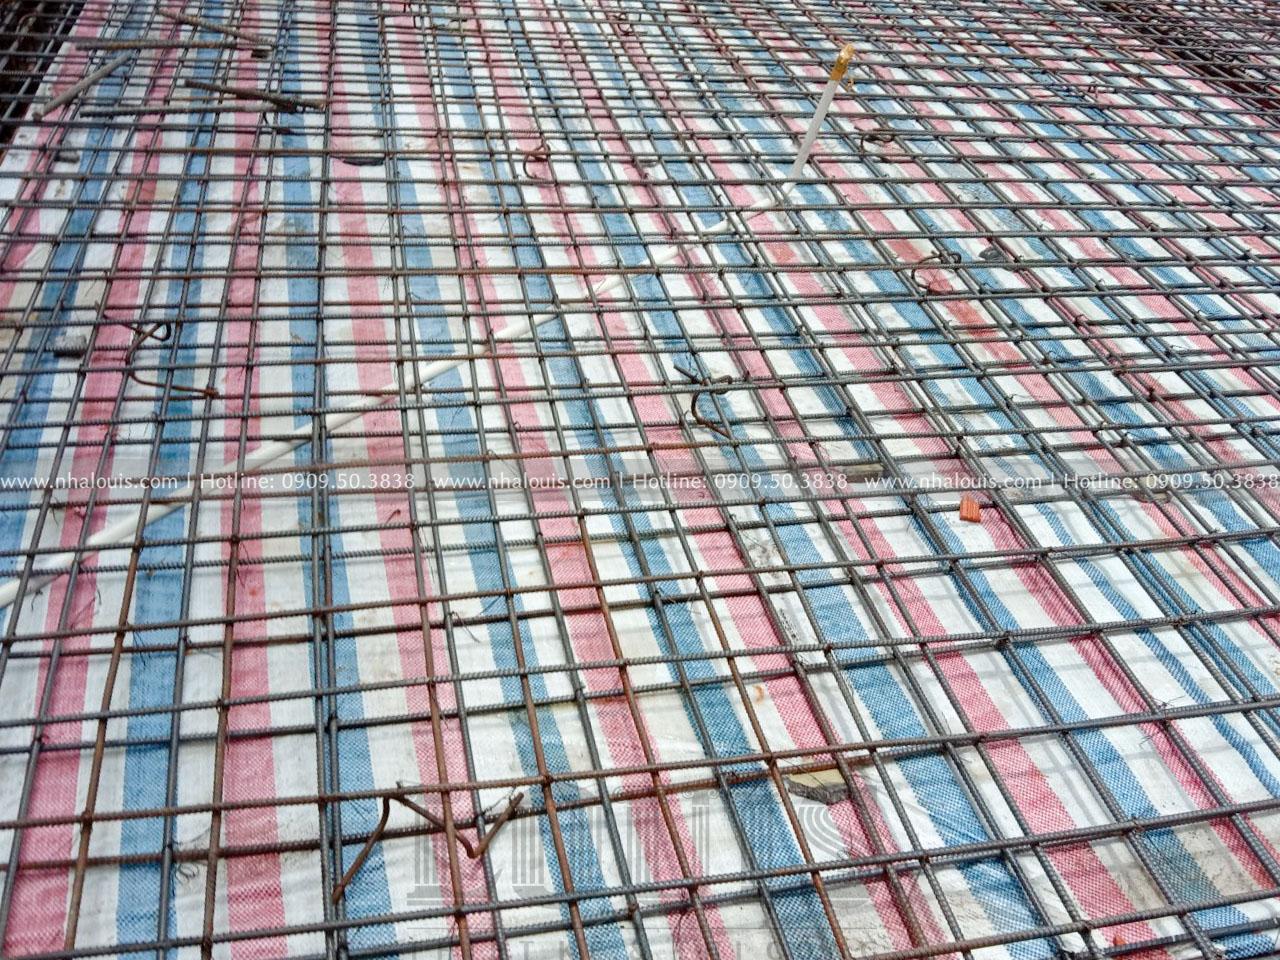 Đổ bê tông sàn tầng trệt biệt thự 5 tầng cổ điển tại Long An